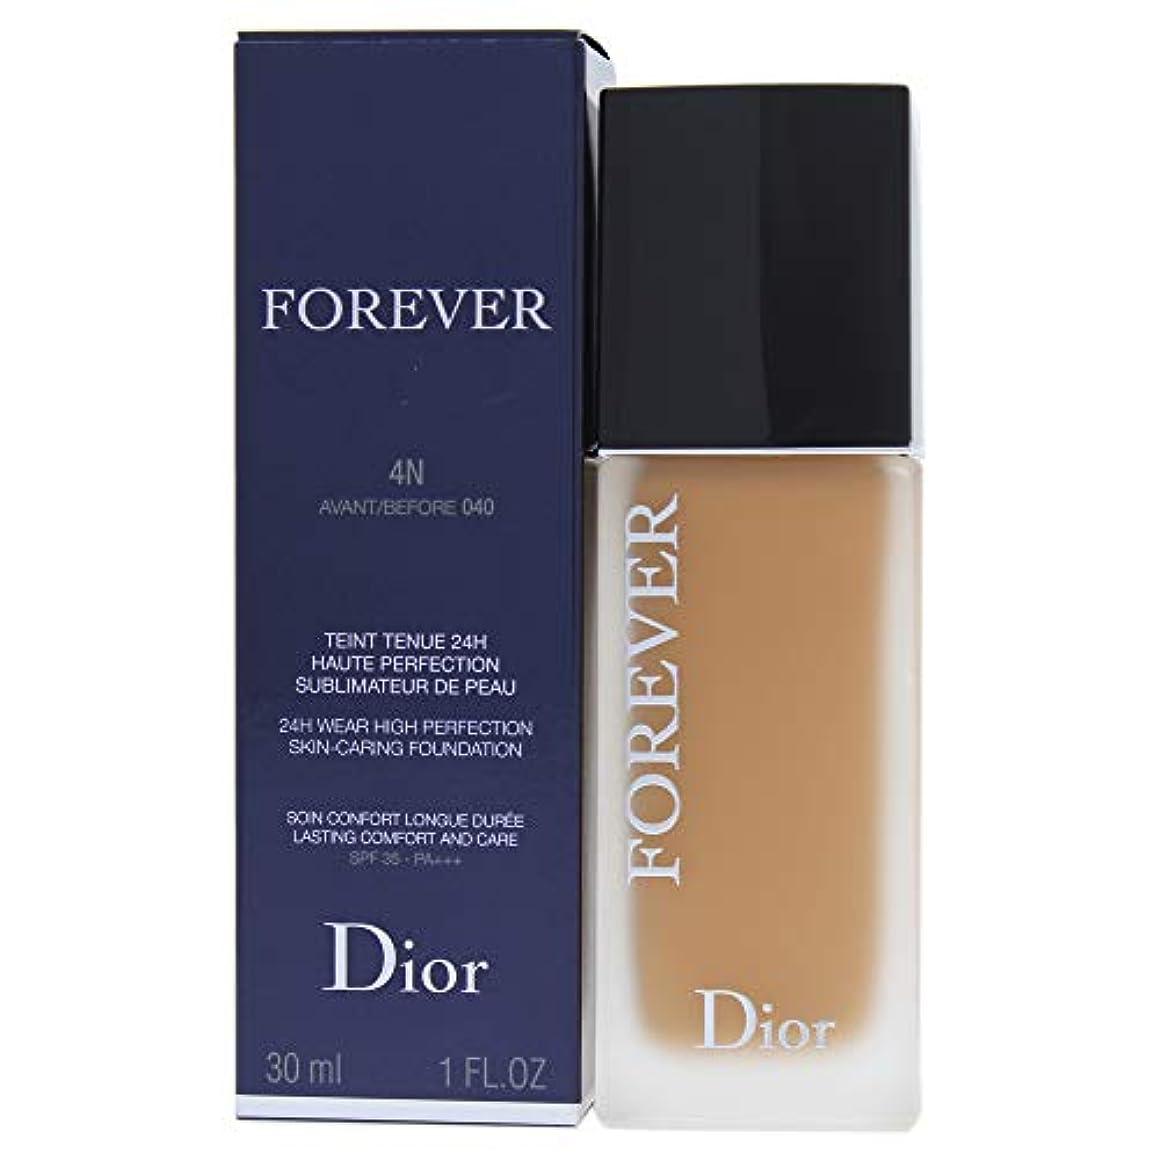 模索かき混ぜる請求可能クリスチャンディオール Dior Forever 24H Wear High Perfection Foundation SPF 35 - # 4N (Neutral) 30ml/1oz並行輸入品